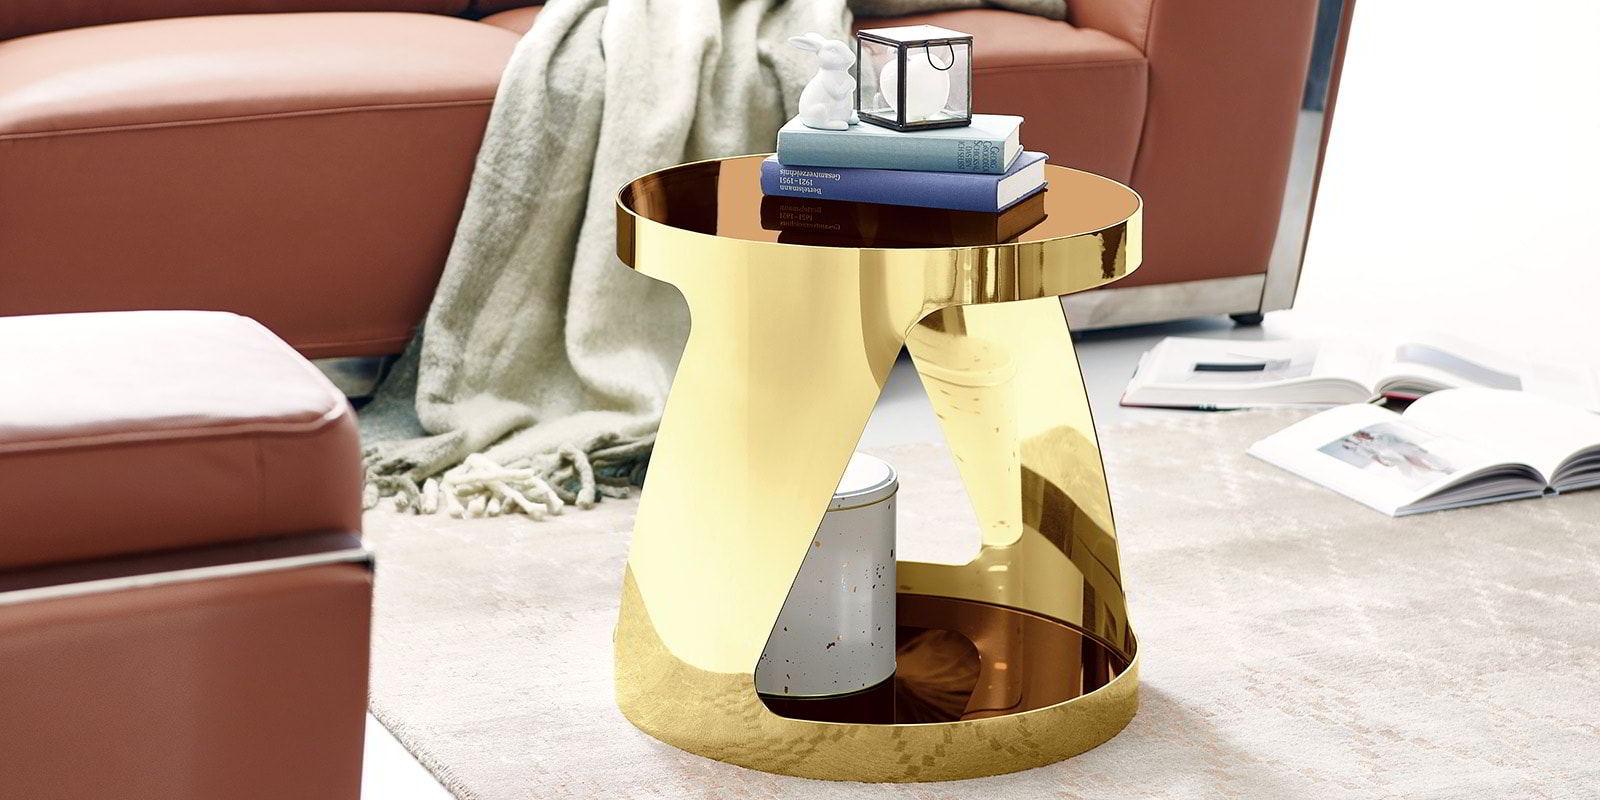 Beistelltisch chrom rund gold kairo glastisch wohnzimmer for Beistelltisch glas gold